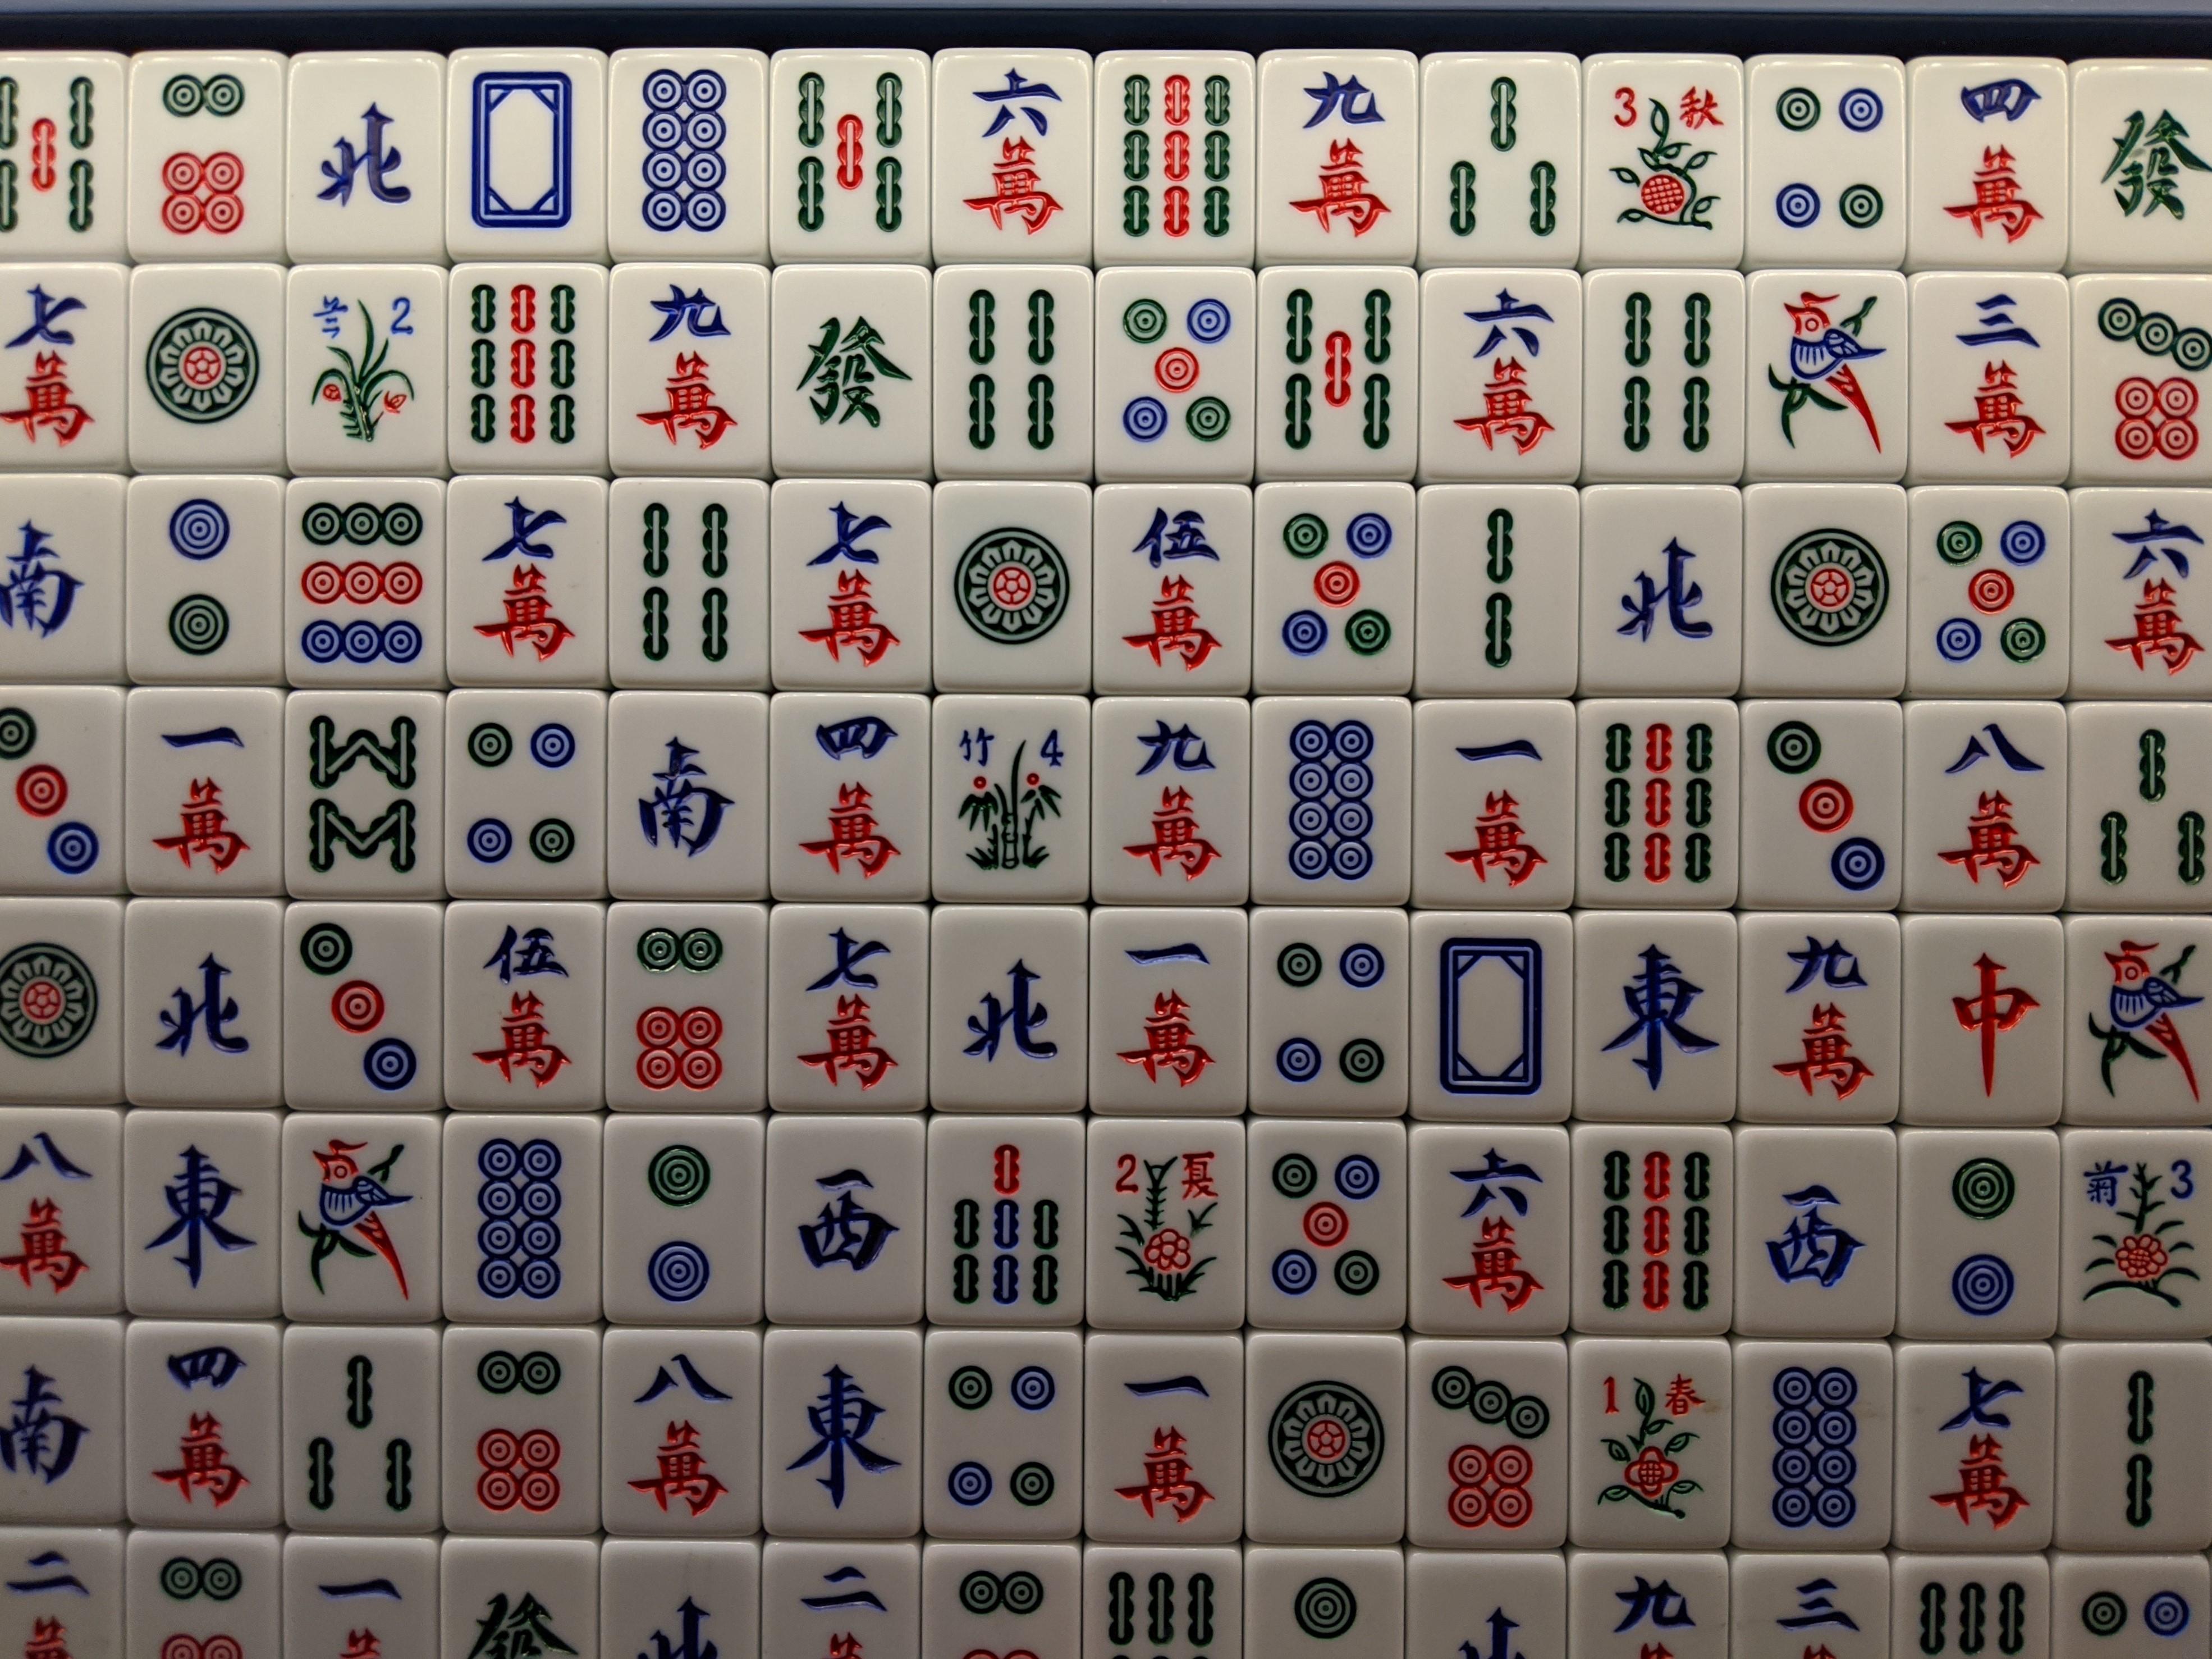 mahjong tile wall mui kee